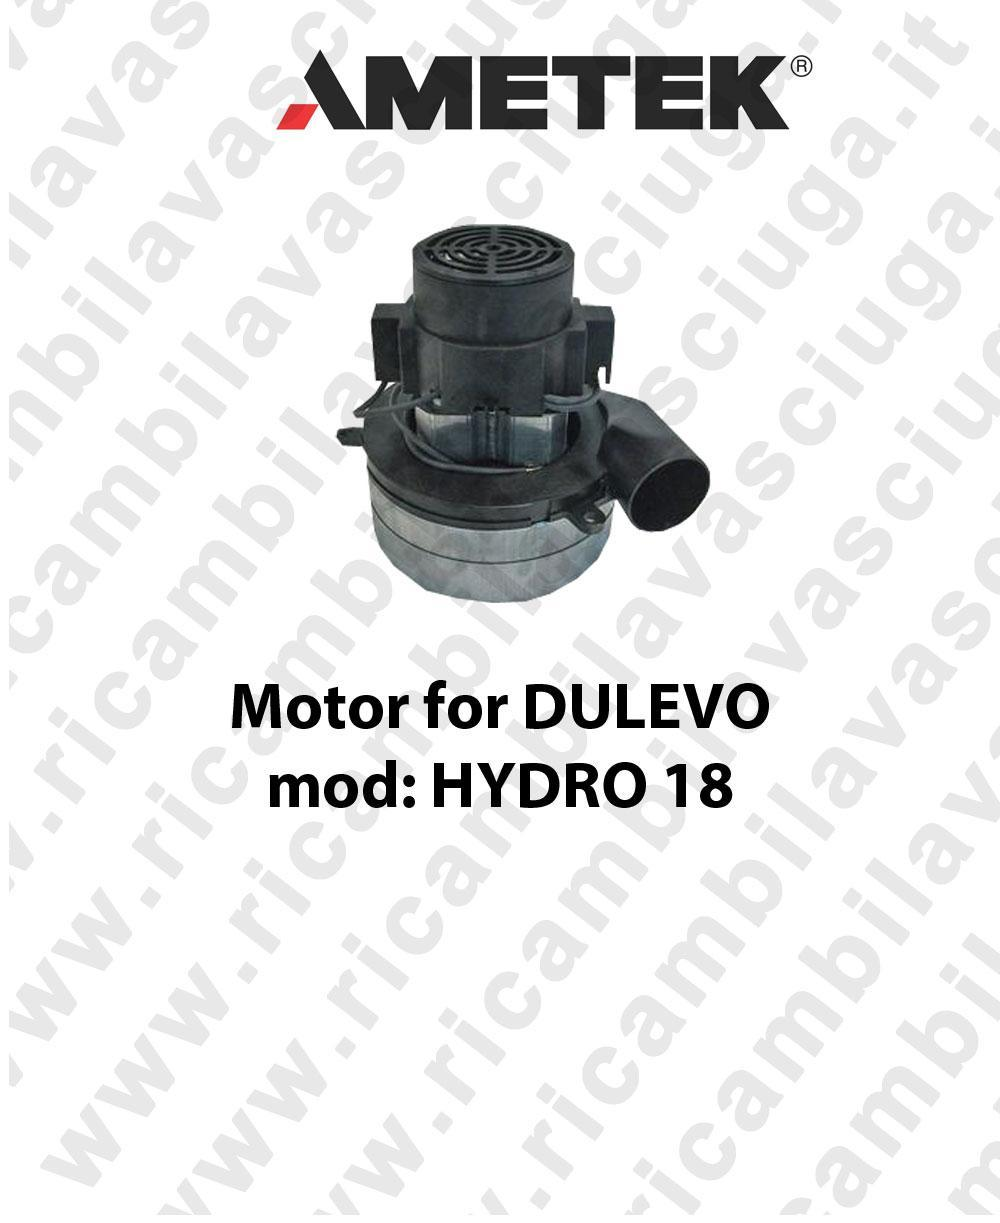 HYDRO 18 Saugmotor AMETEK für scheuersaugmaschinen DULEVO